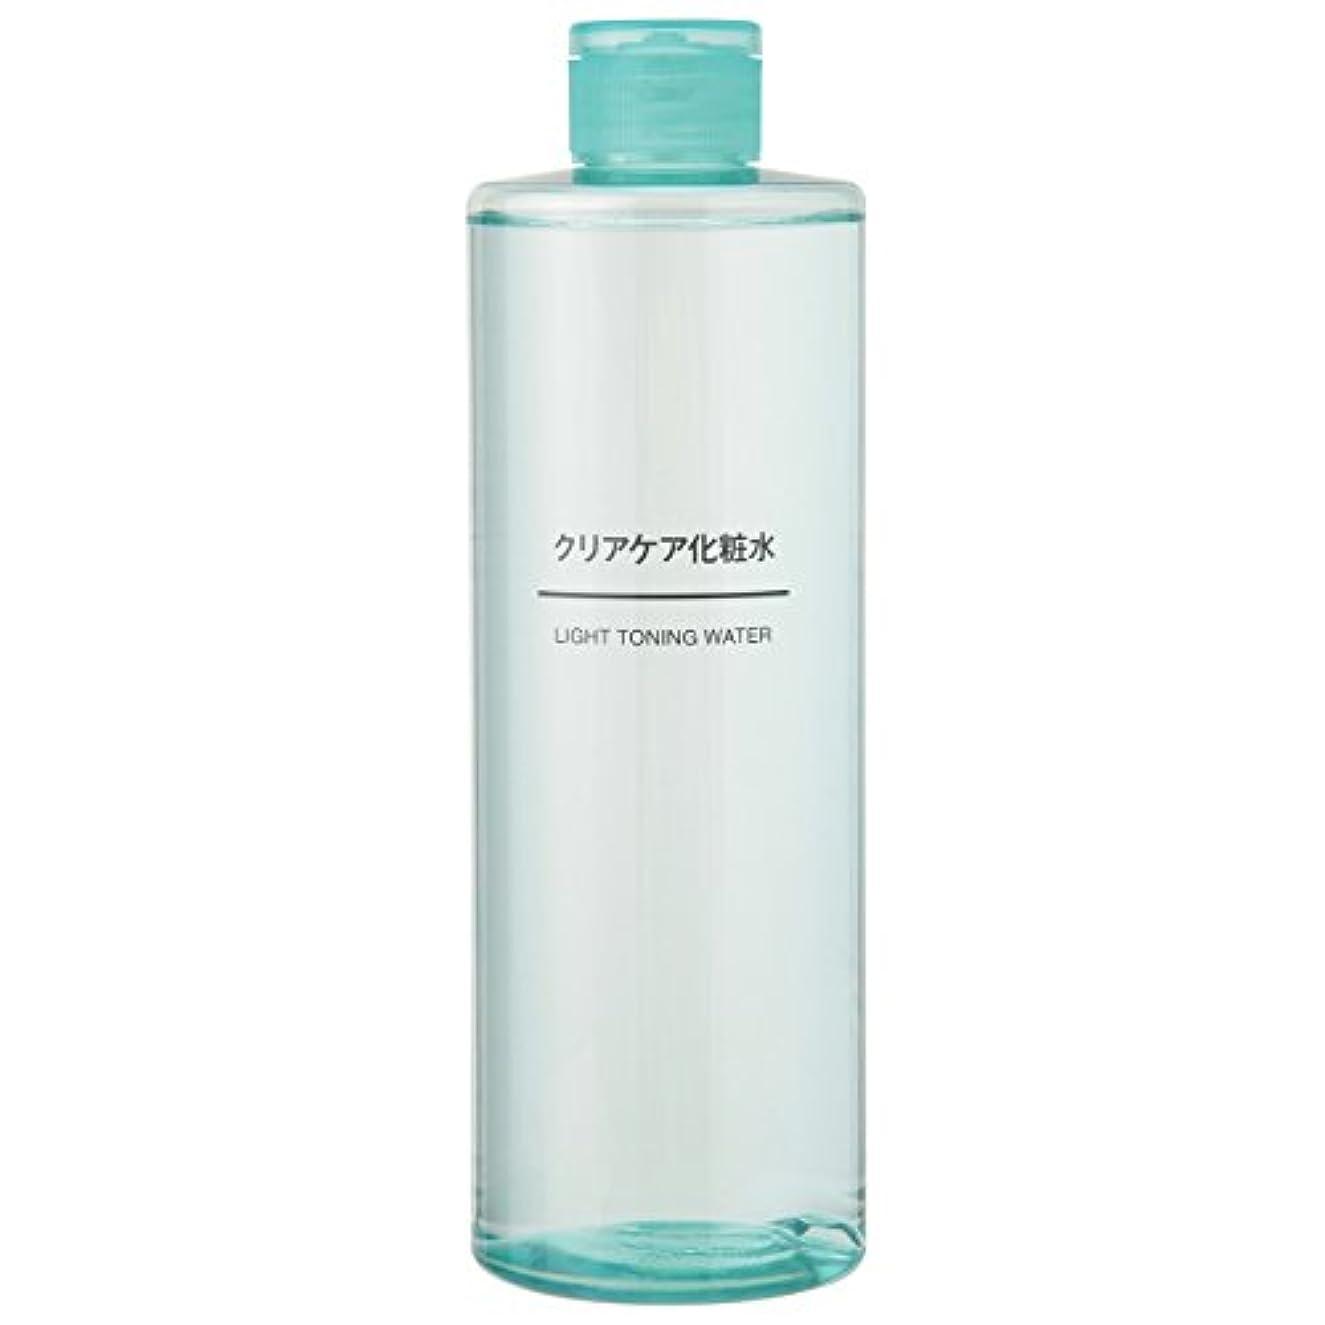 奨励モナリザ珍しい無印良品 クリアケア化粧水(大容量) 400ml